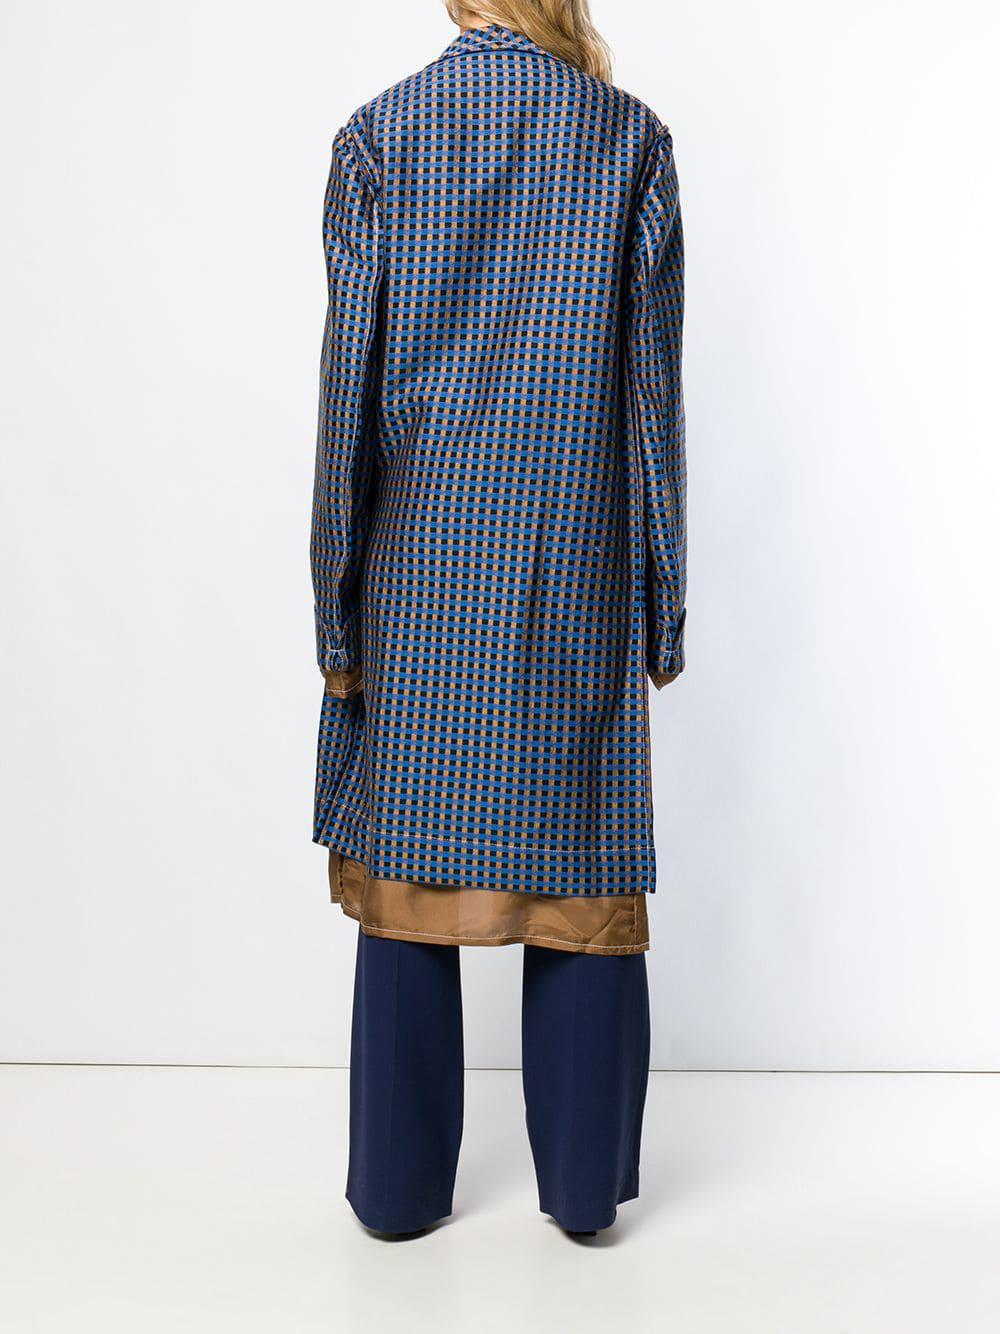 842aec6e16d4 marni-Blue-Single-breasted-Geometric-Coat.jpeg